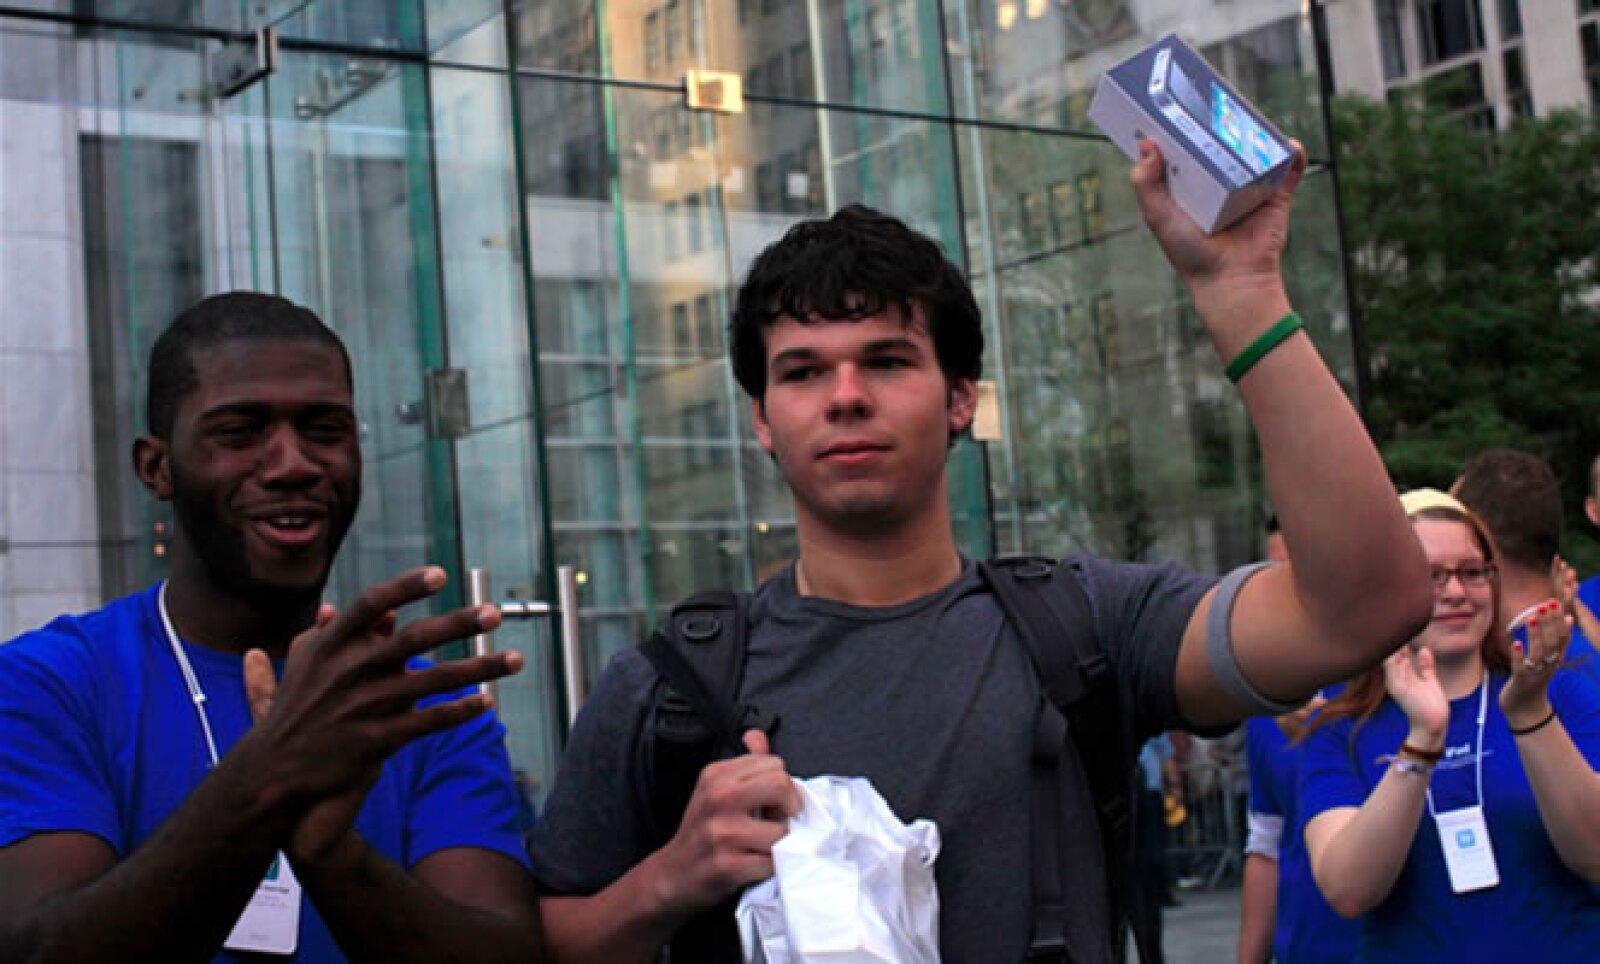 Evan Wiendczak se convirtió en el primer comprador del iPhone 4 en la tienda de Nueva York.